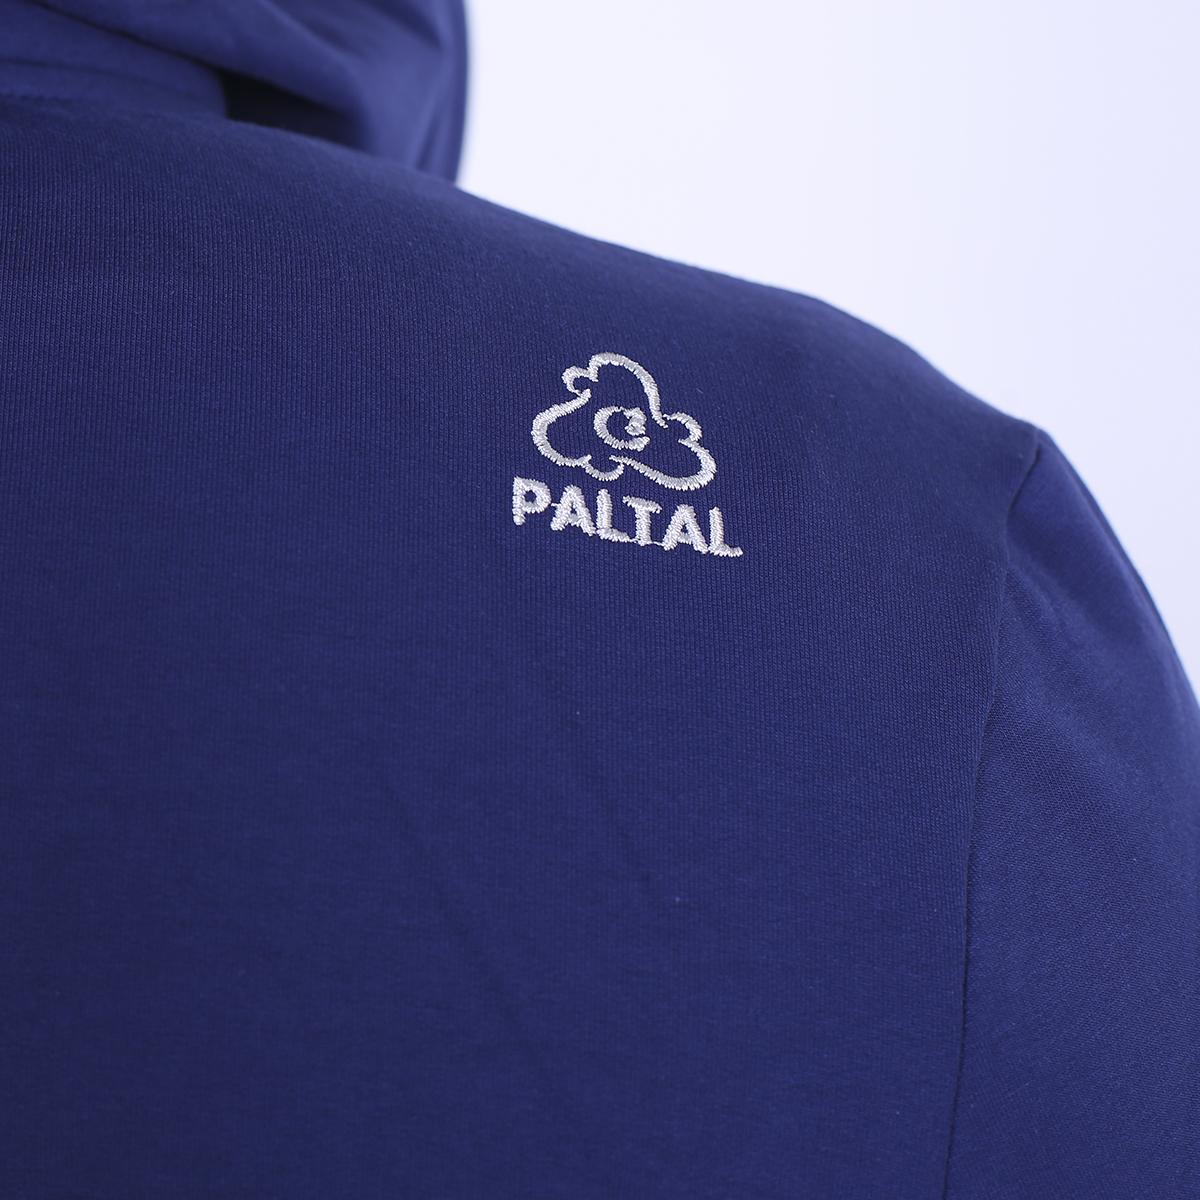 Áo khoác big size cao cấp có nón chống tia tử ngoại uv Paltal akcn 401p 1052